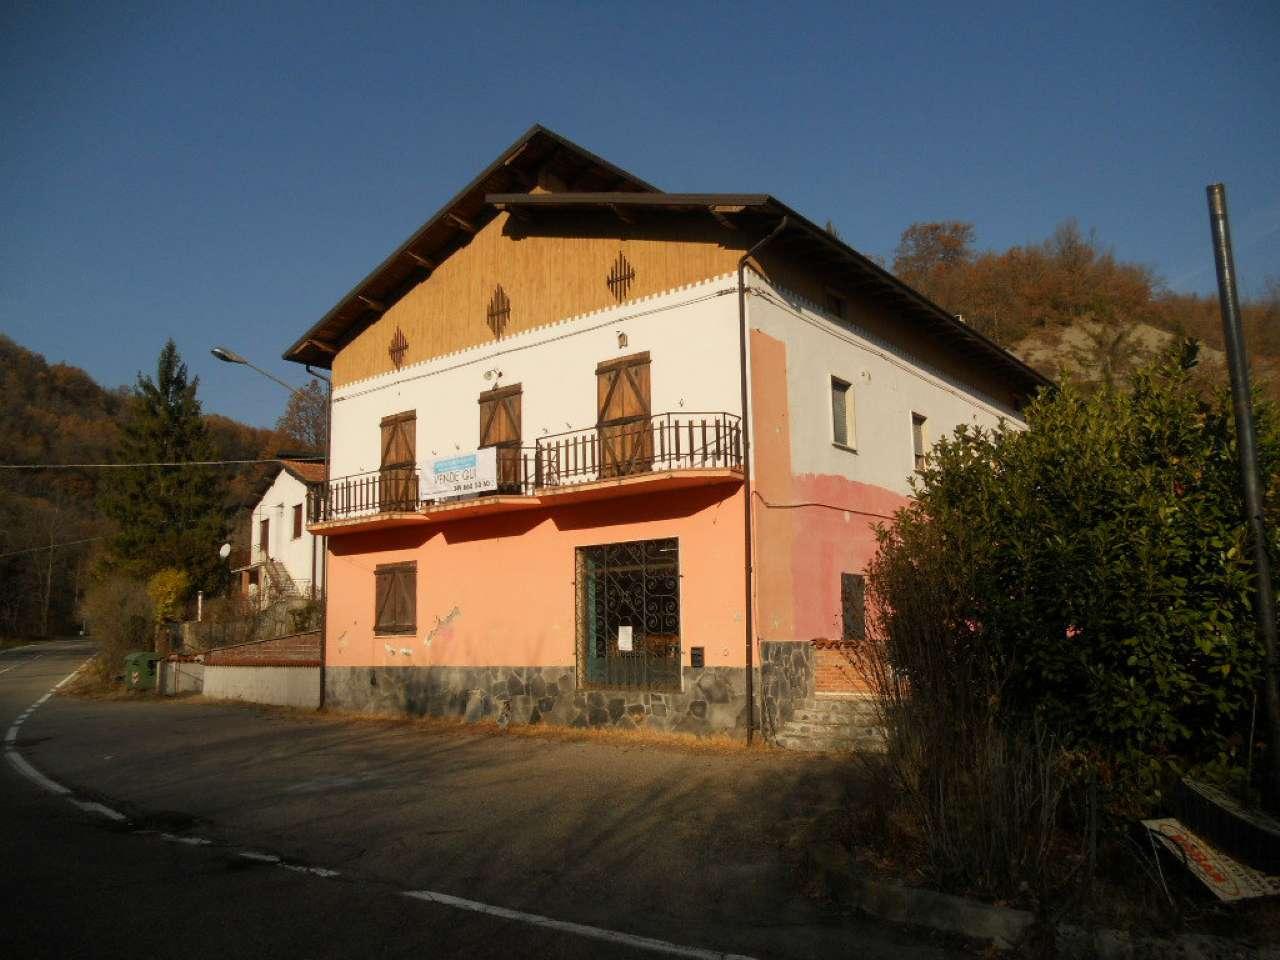 Negozio / Locale in vendita a Caminata, 9999 locali, prezzo € 135.000 | CambioCasa.it